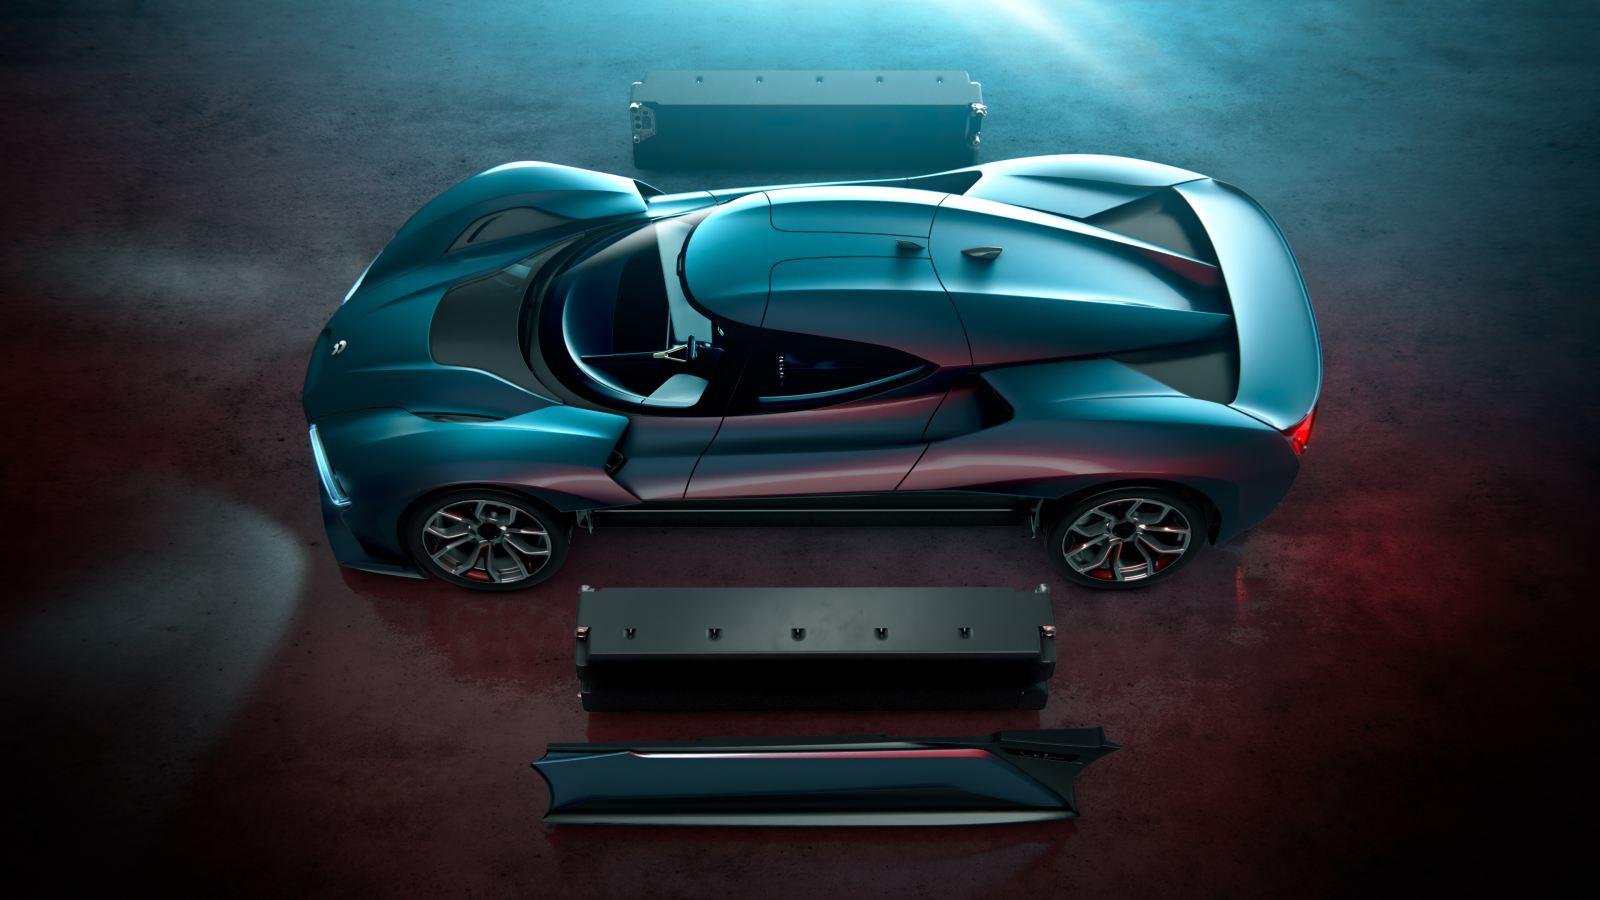 商业早报 全球最快的电动车来了 造价120万美元的蔚来汽车可量产